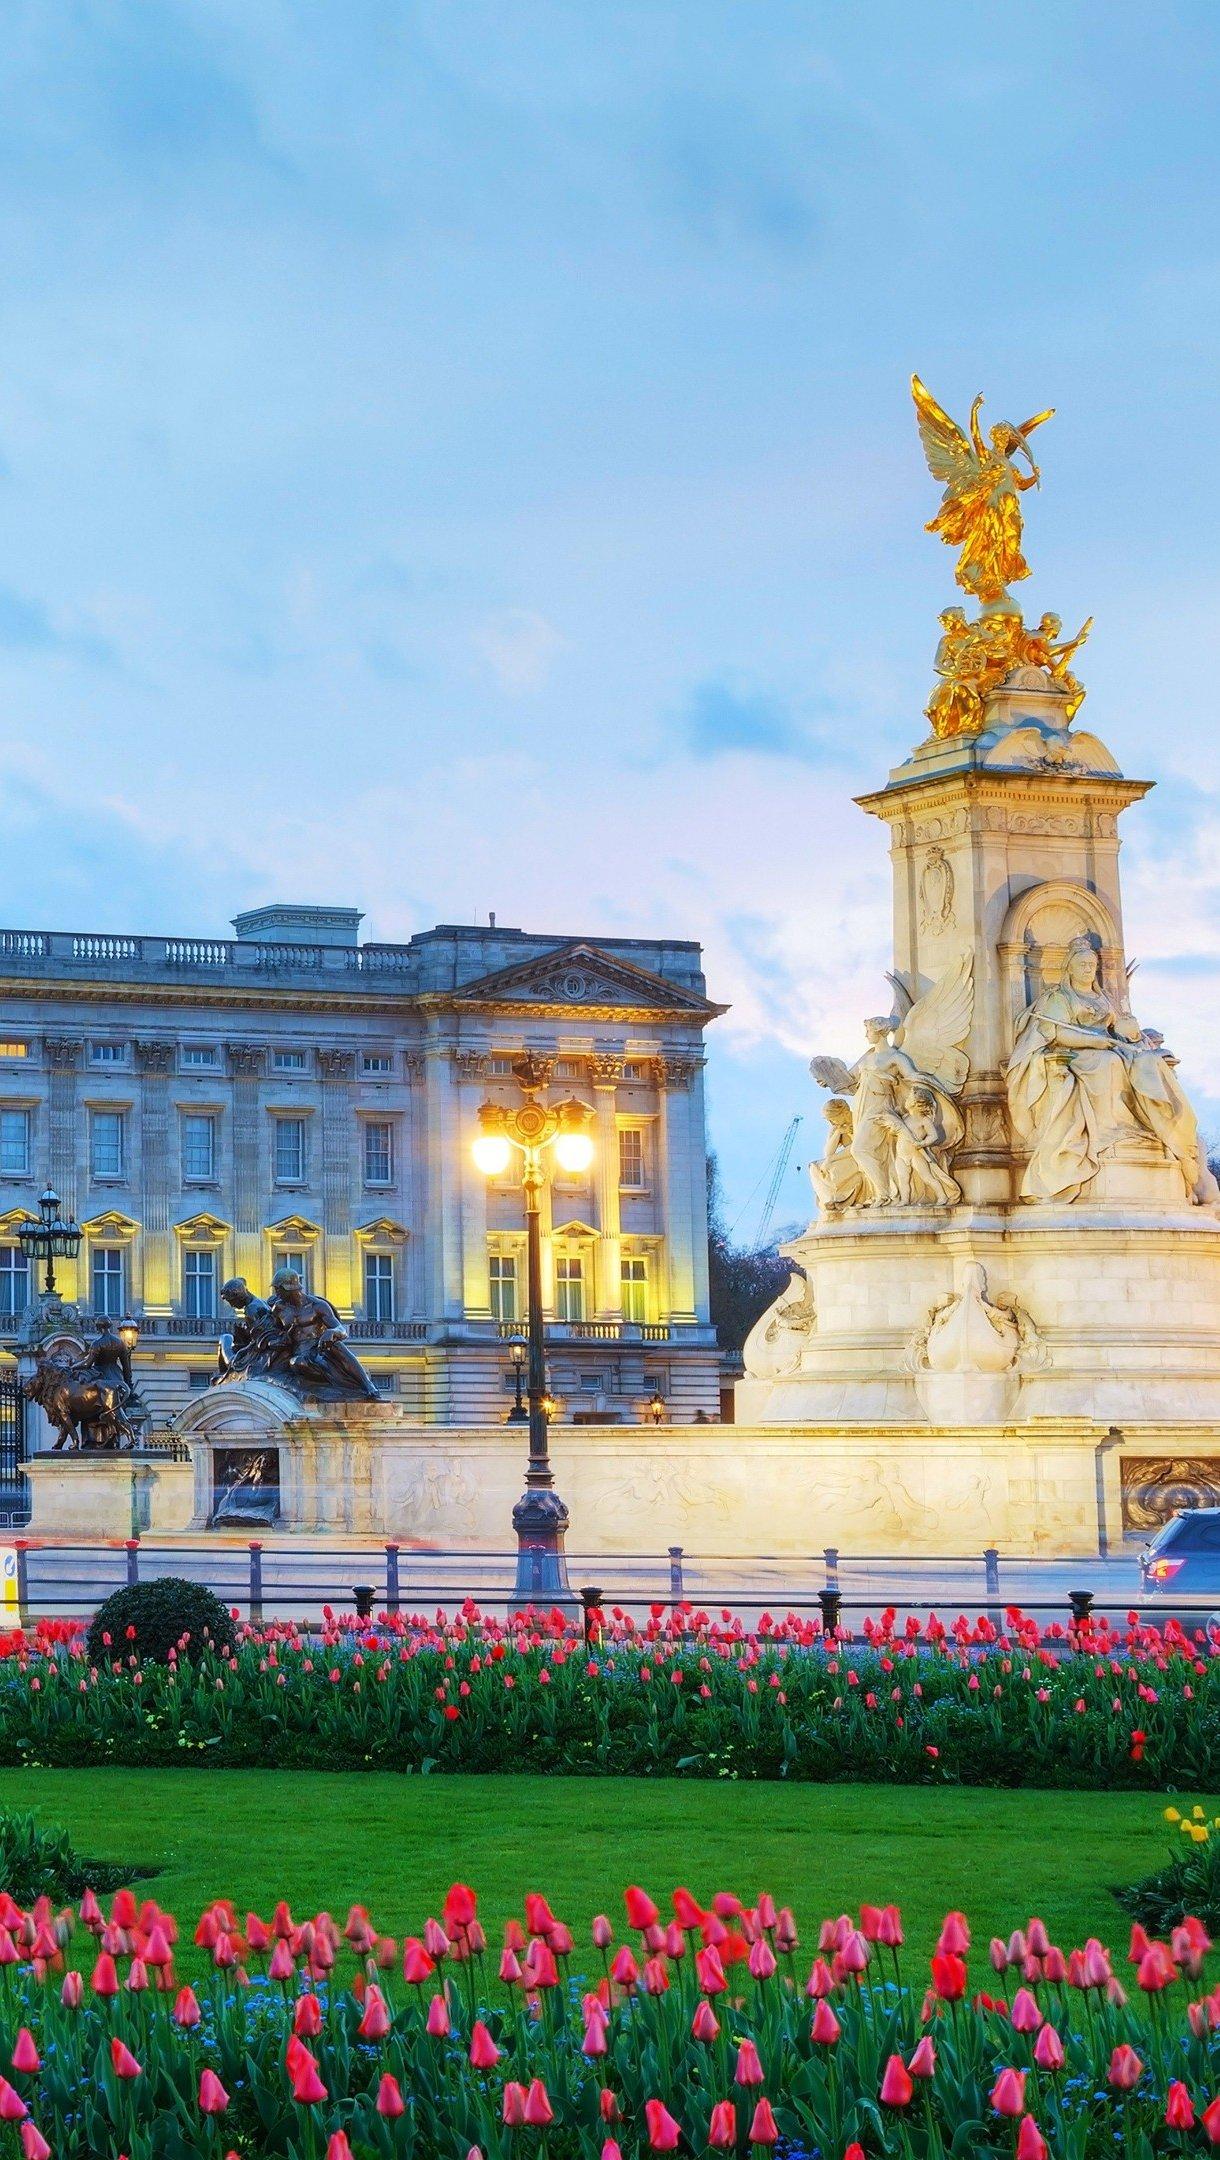 Fondos de pantalla El palacio de Buckingham Vertical